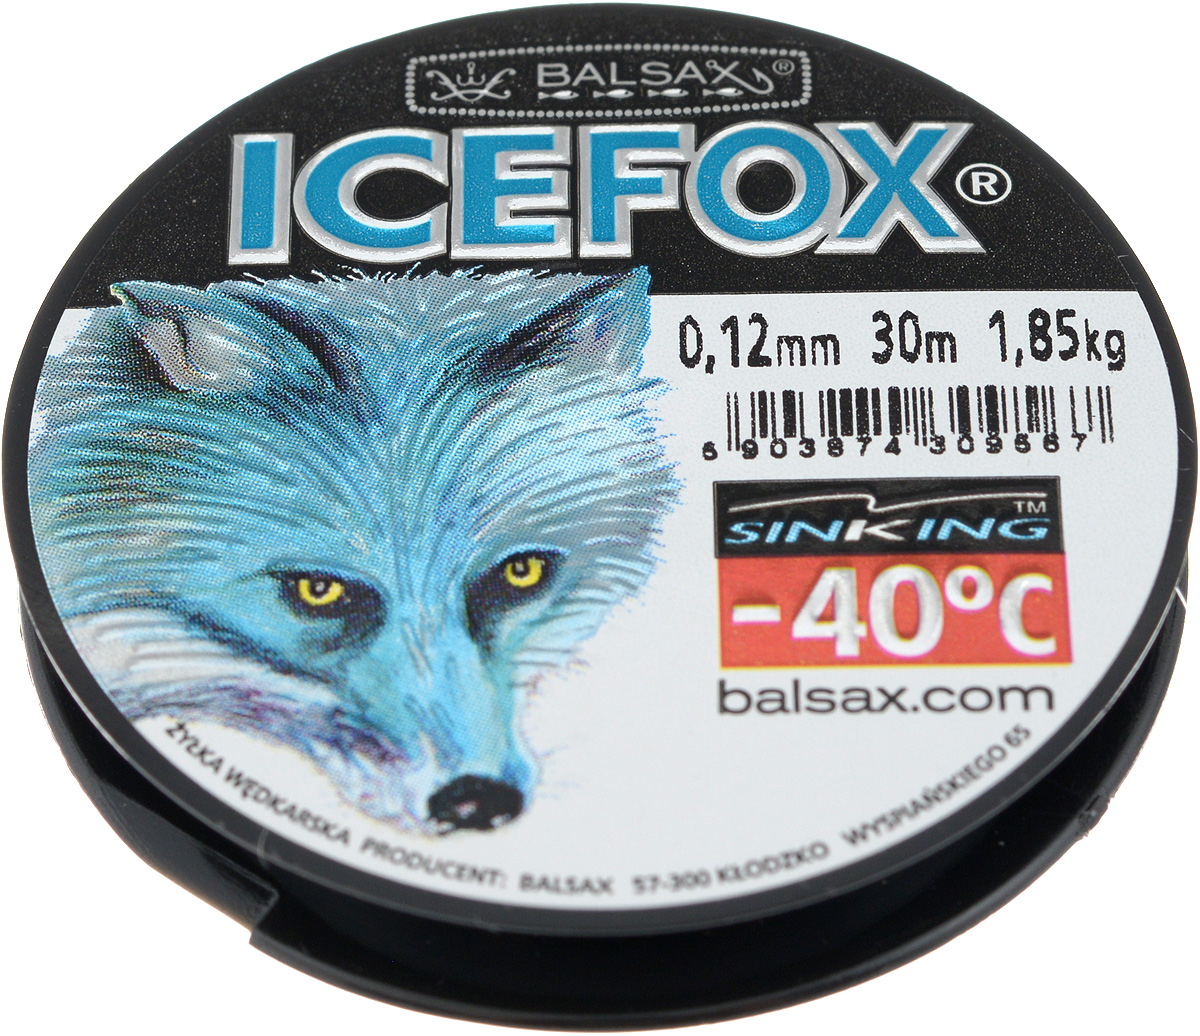 Леска зимняя Balsax Ice Fox, 30 м, 0,12 мм, 1,85 кг310-07012Леска Balsax Ice Fox изготовлена из 100% нейлона и очень хорошо выдерживает низкие температуры. Даже в самом холодном климате, при температуре вплоть до -40°C, она сохраняет свои свойства практически без изменений, в то время как традиционные лески становятся менее эластичными и теряют прочность.Поверхность лески обработана таким образом, что она не обмерзает и отлично подходит для подледного лова. Прочна в местах вязки узлов даже при минимальном диаметре.